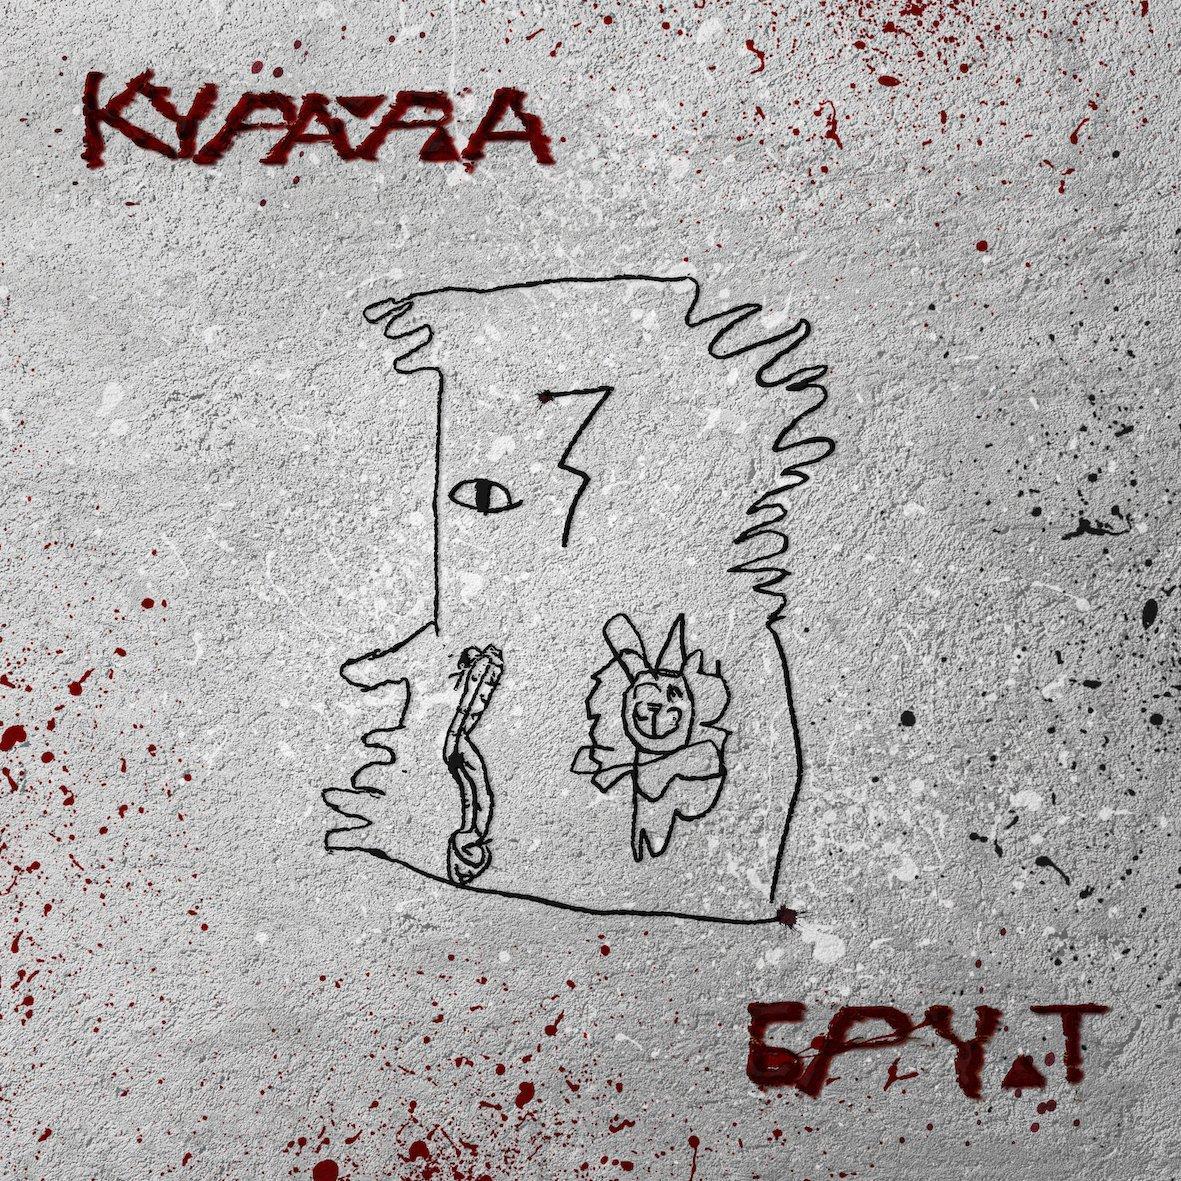 «Брут» — новый многослойный альбом группы «Курара»